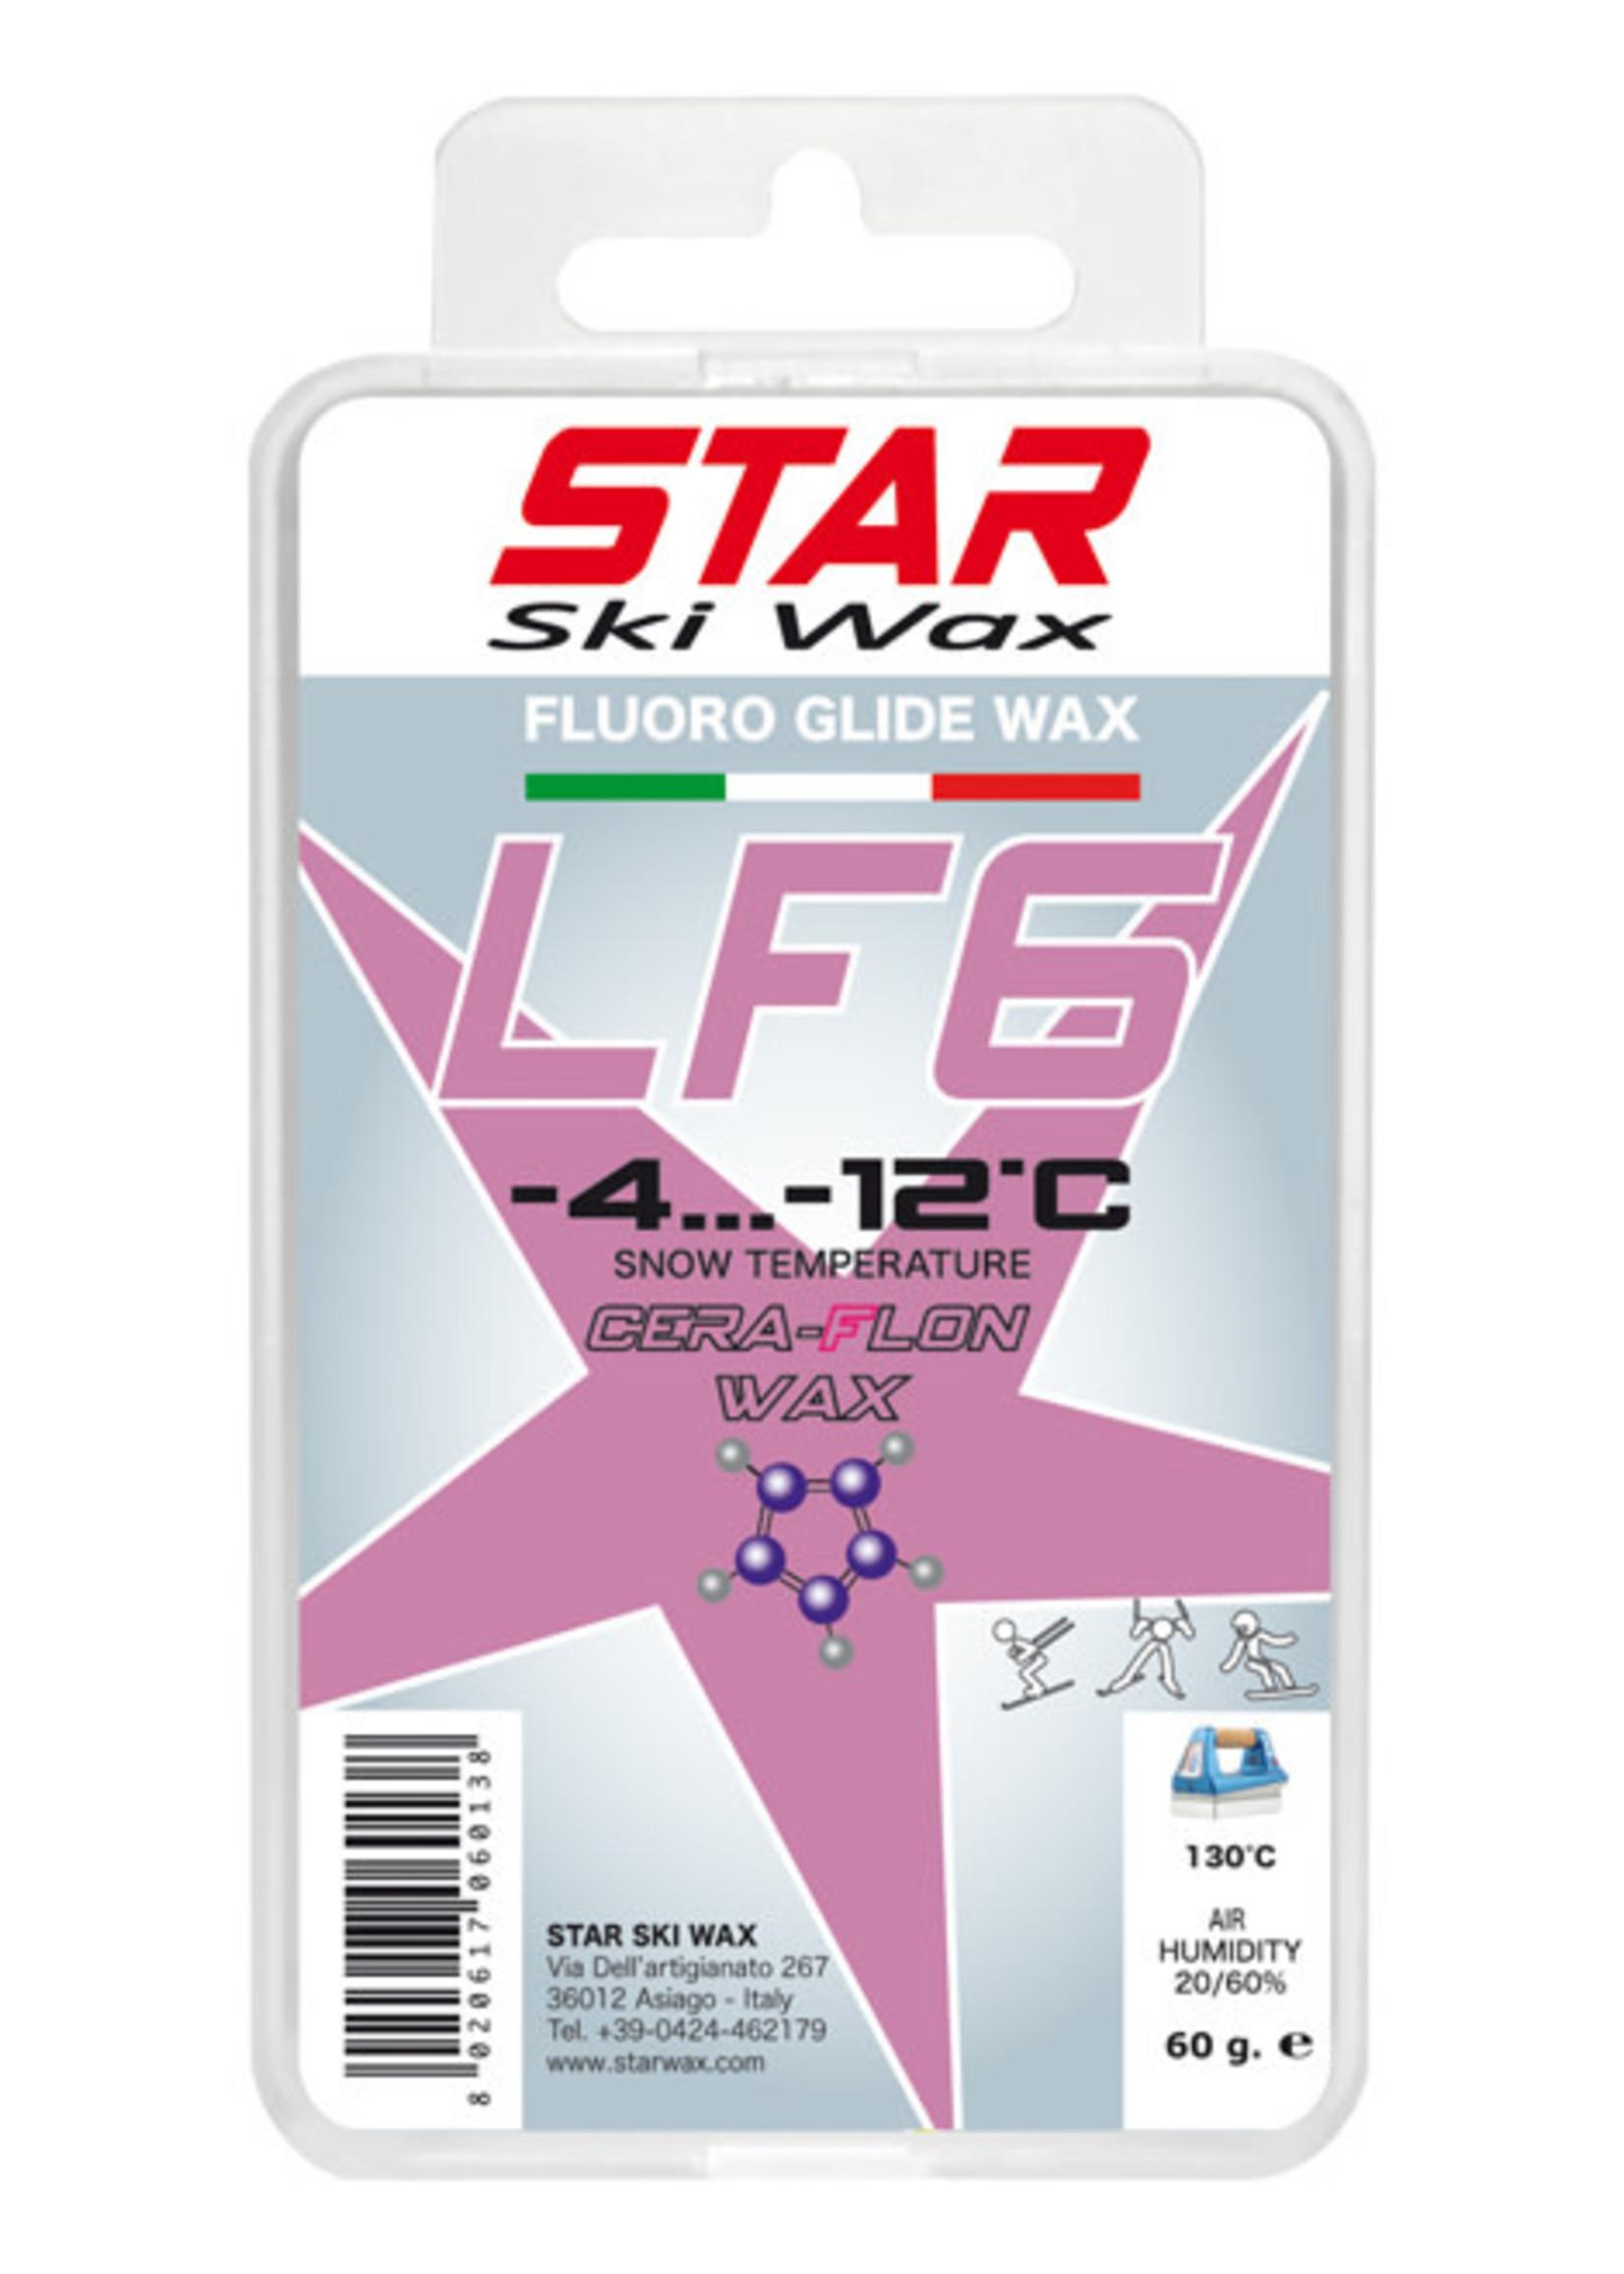 LF6 Cera-Flon 60g